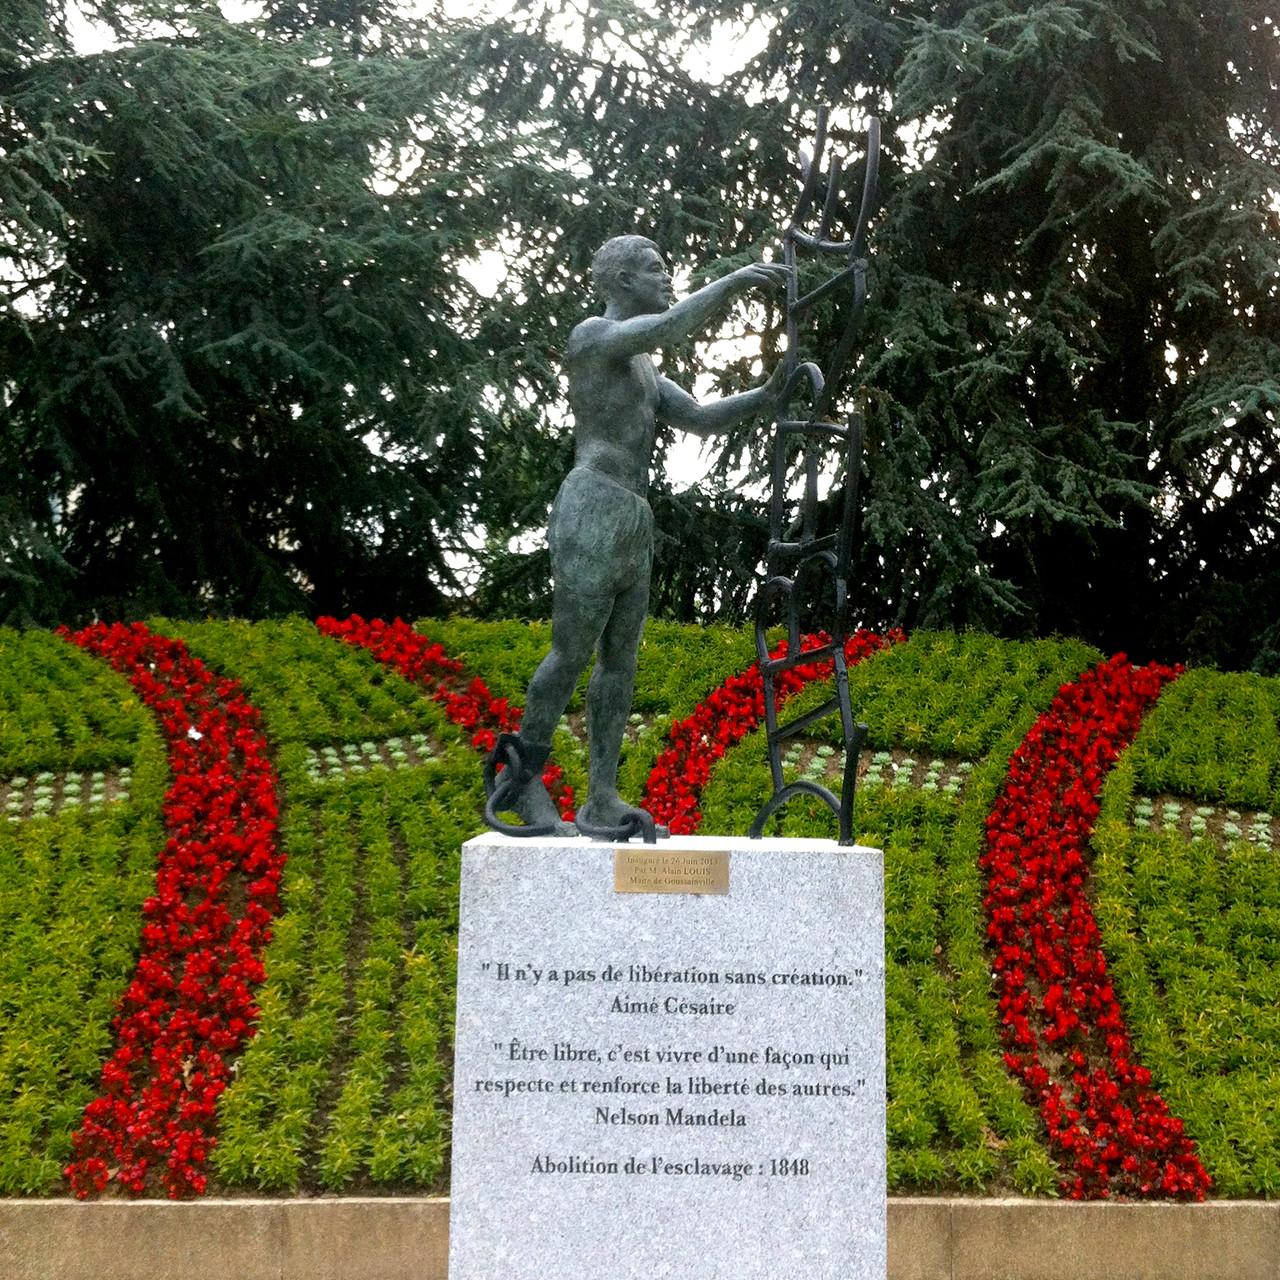 Sculpture en bronze La Liberté, à Goussainville, par Sébastien Langloÿs